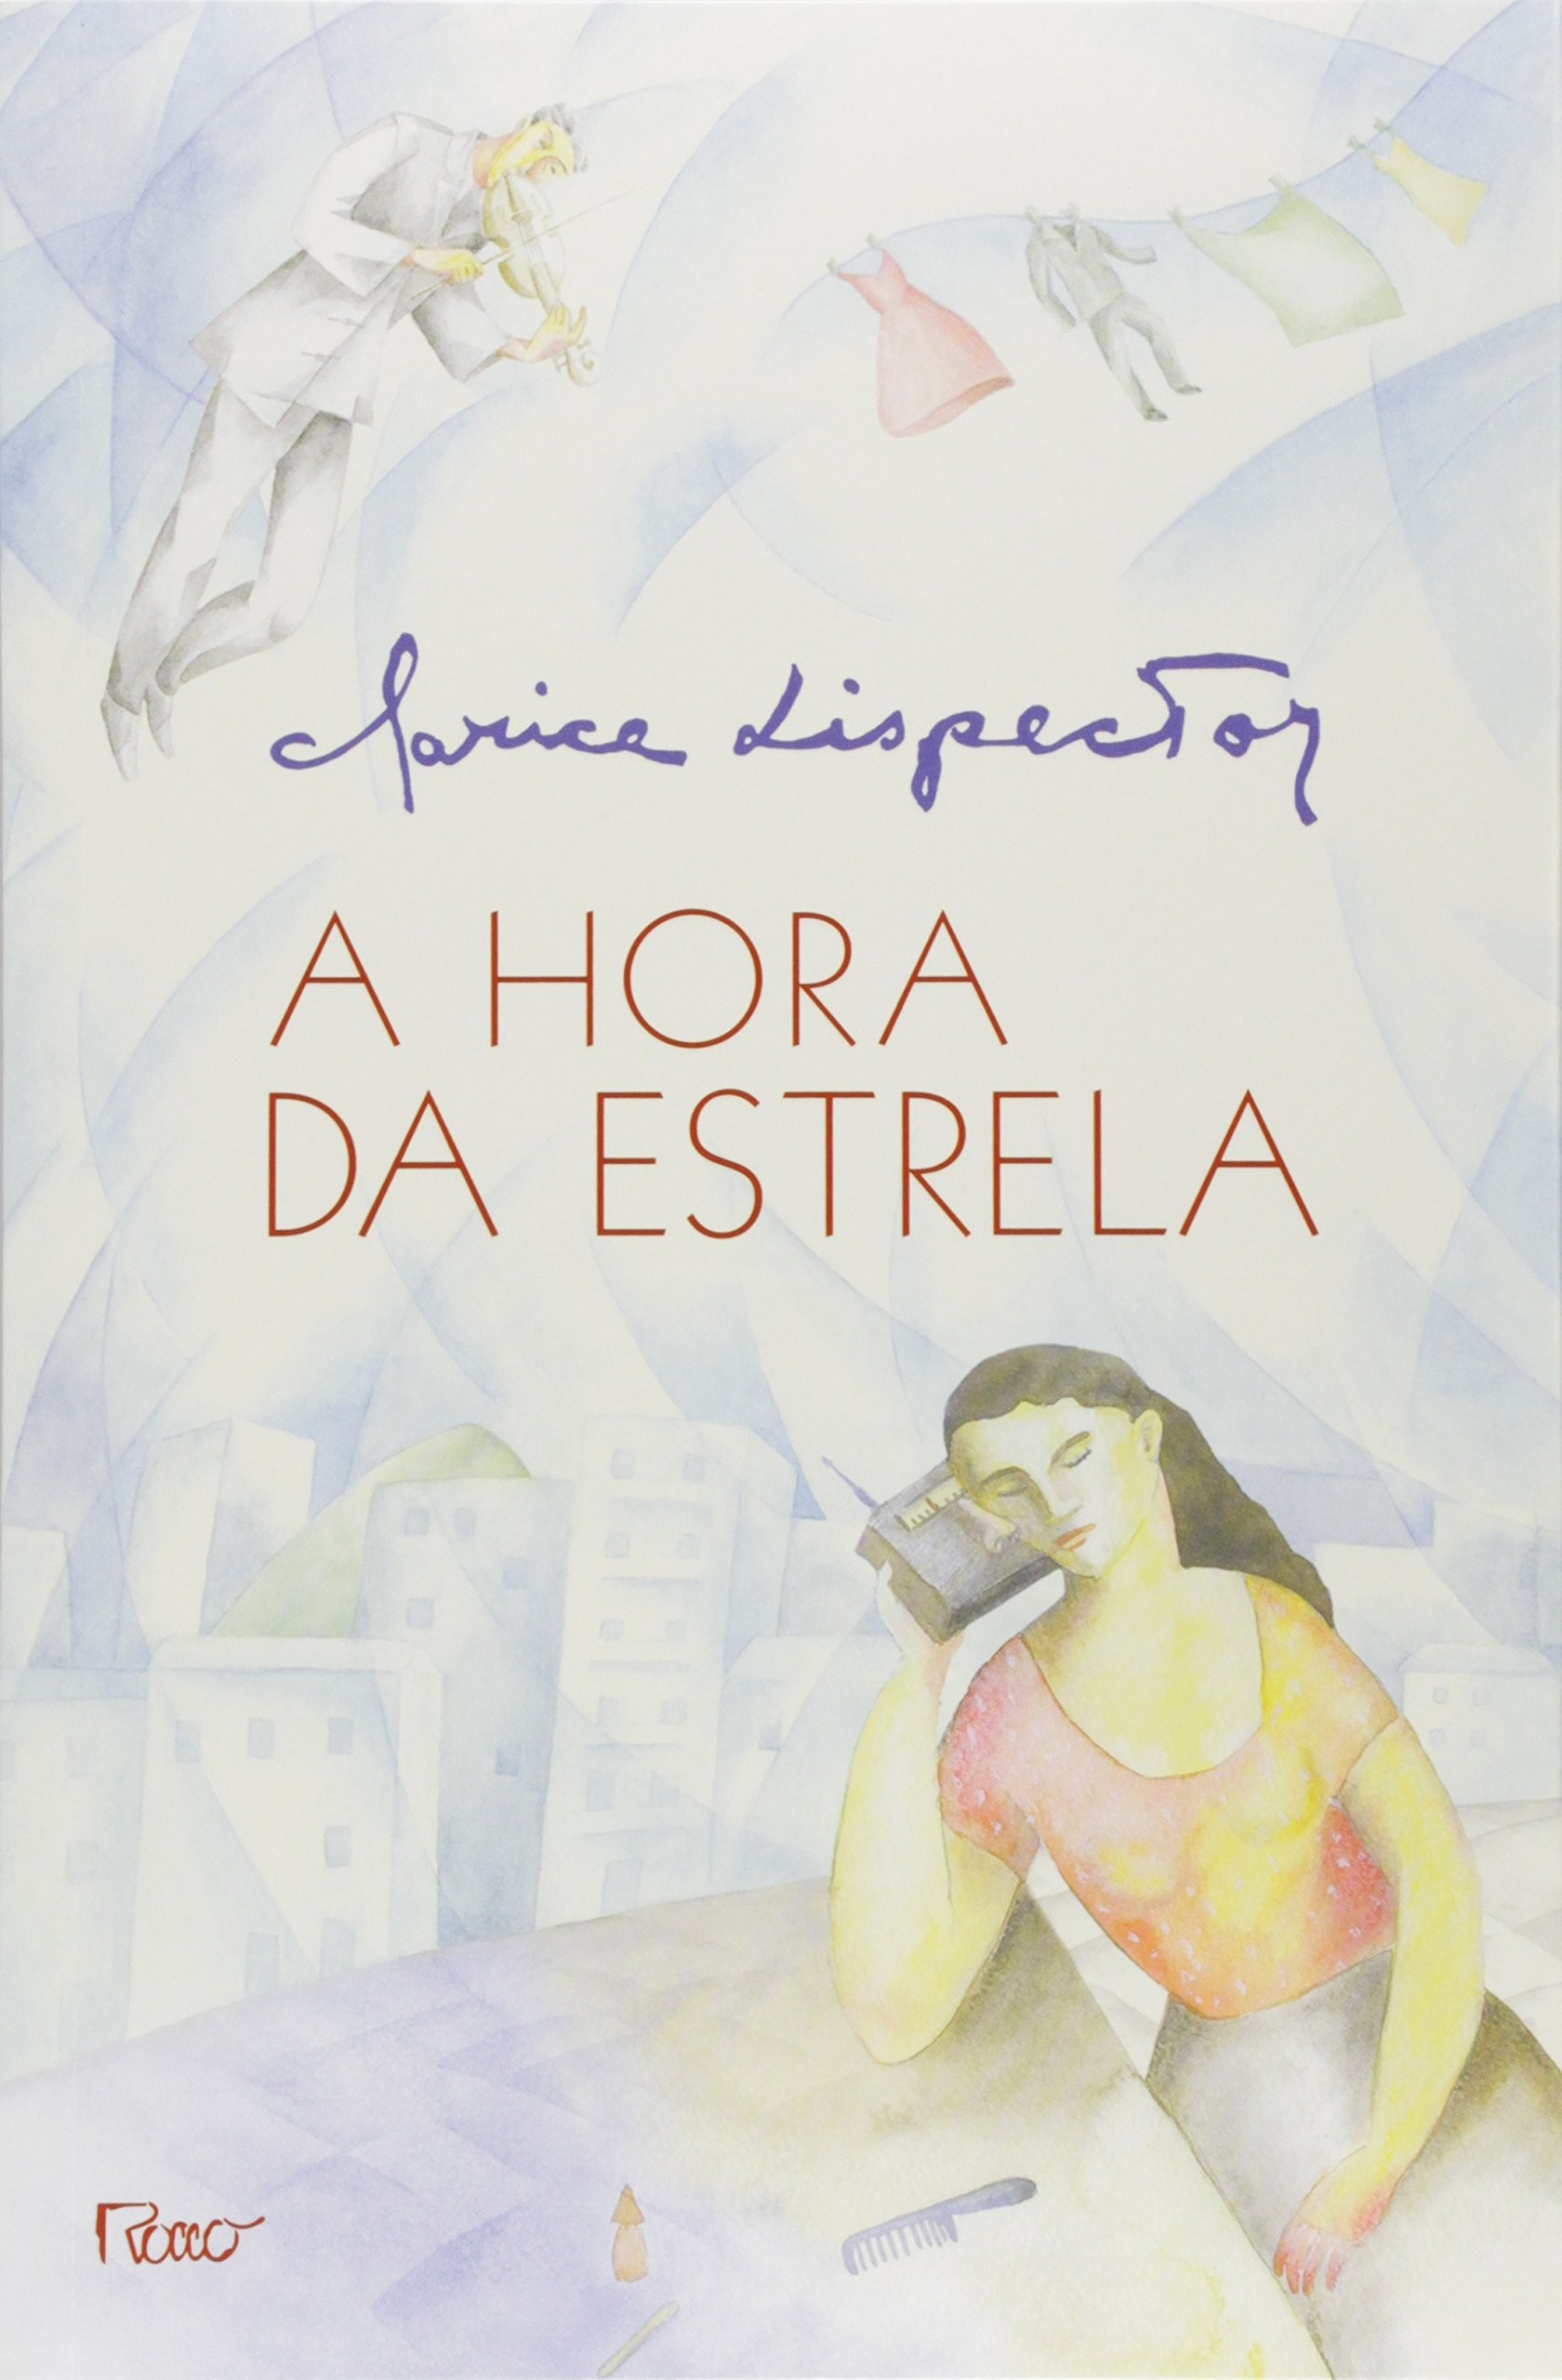 A Hora da Estrela, de Clarice Lispector (Foto: Divulgação)